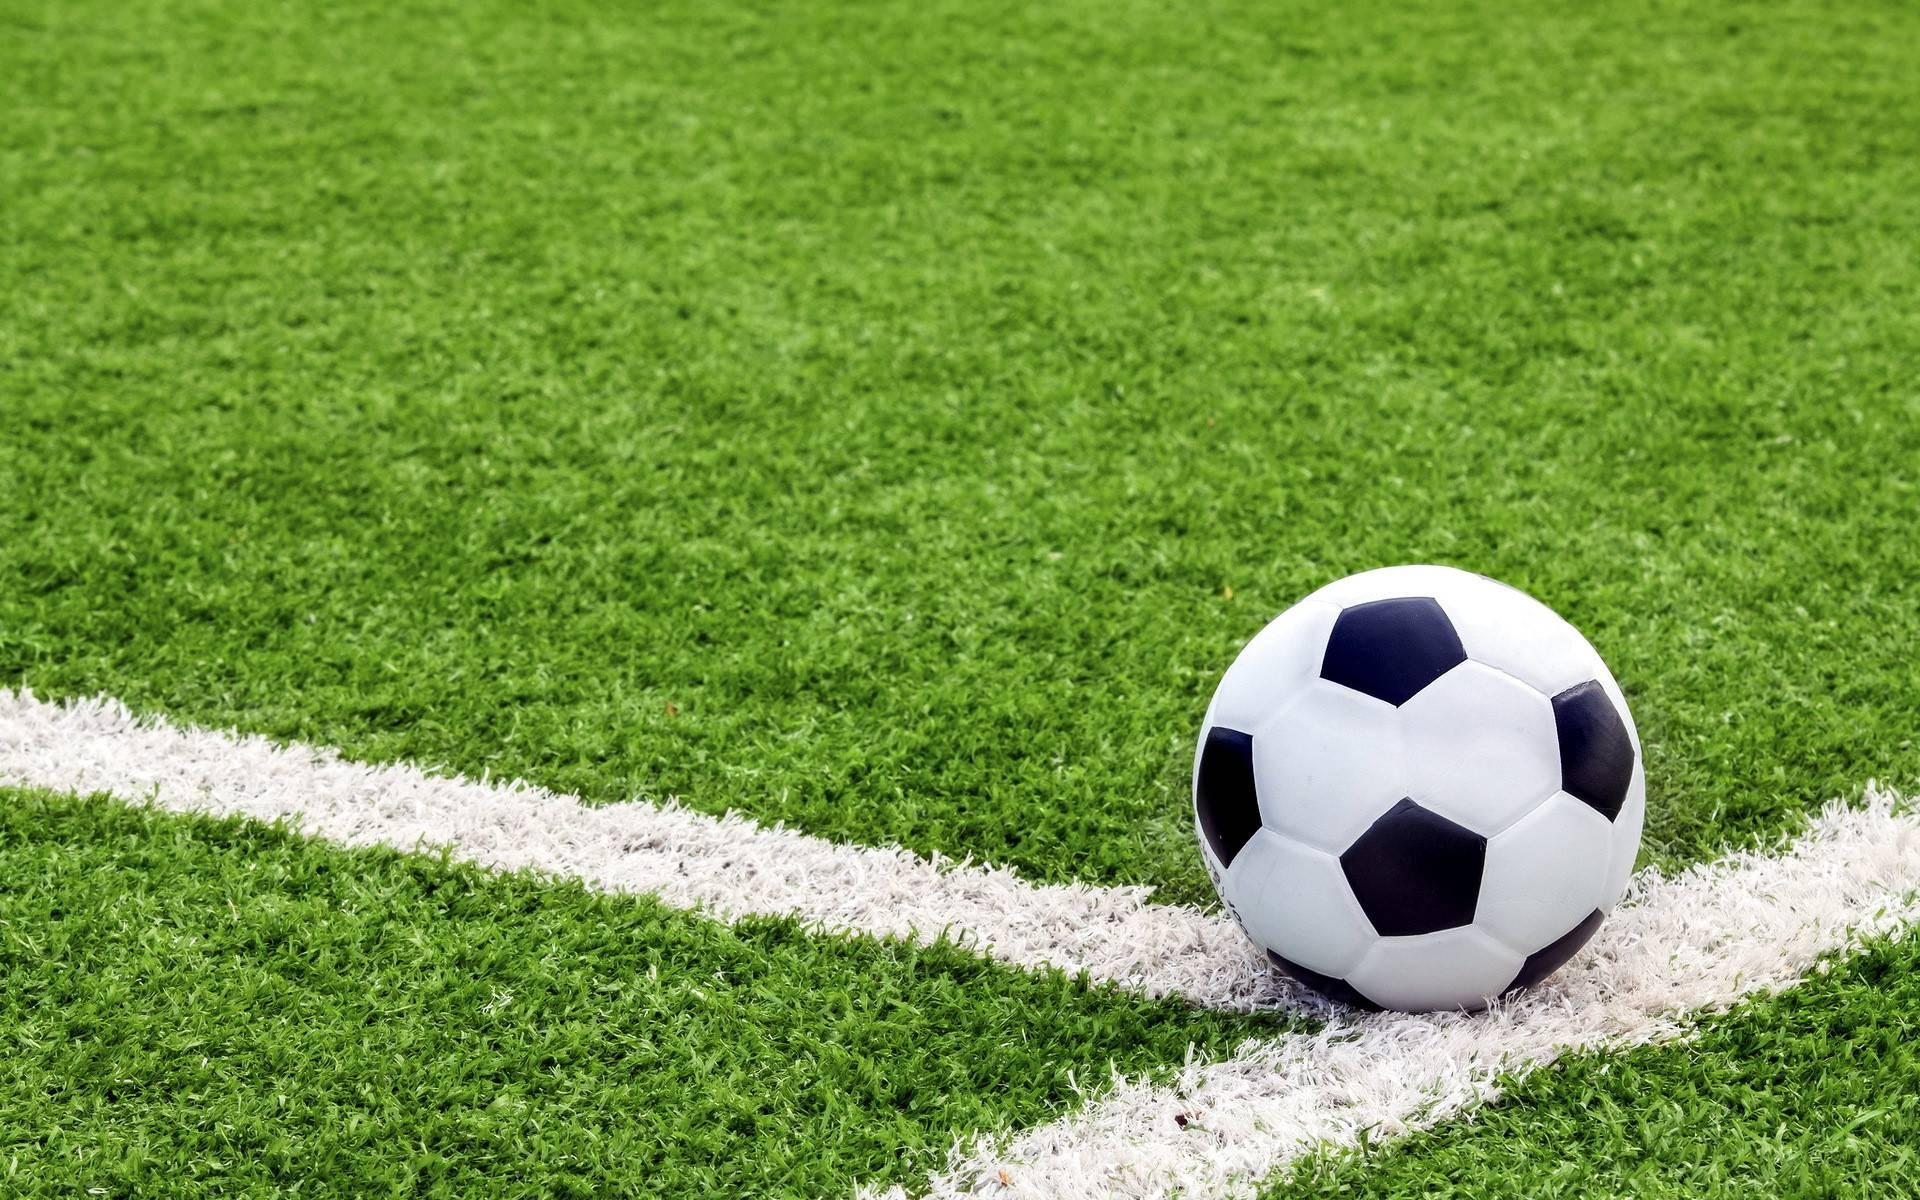 Обои футбольное поле, газон, трава, разметка